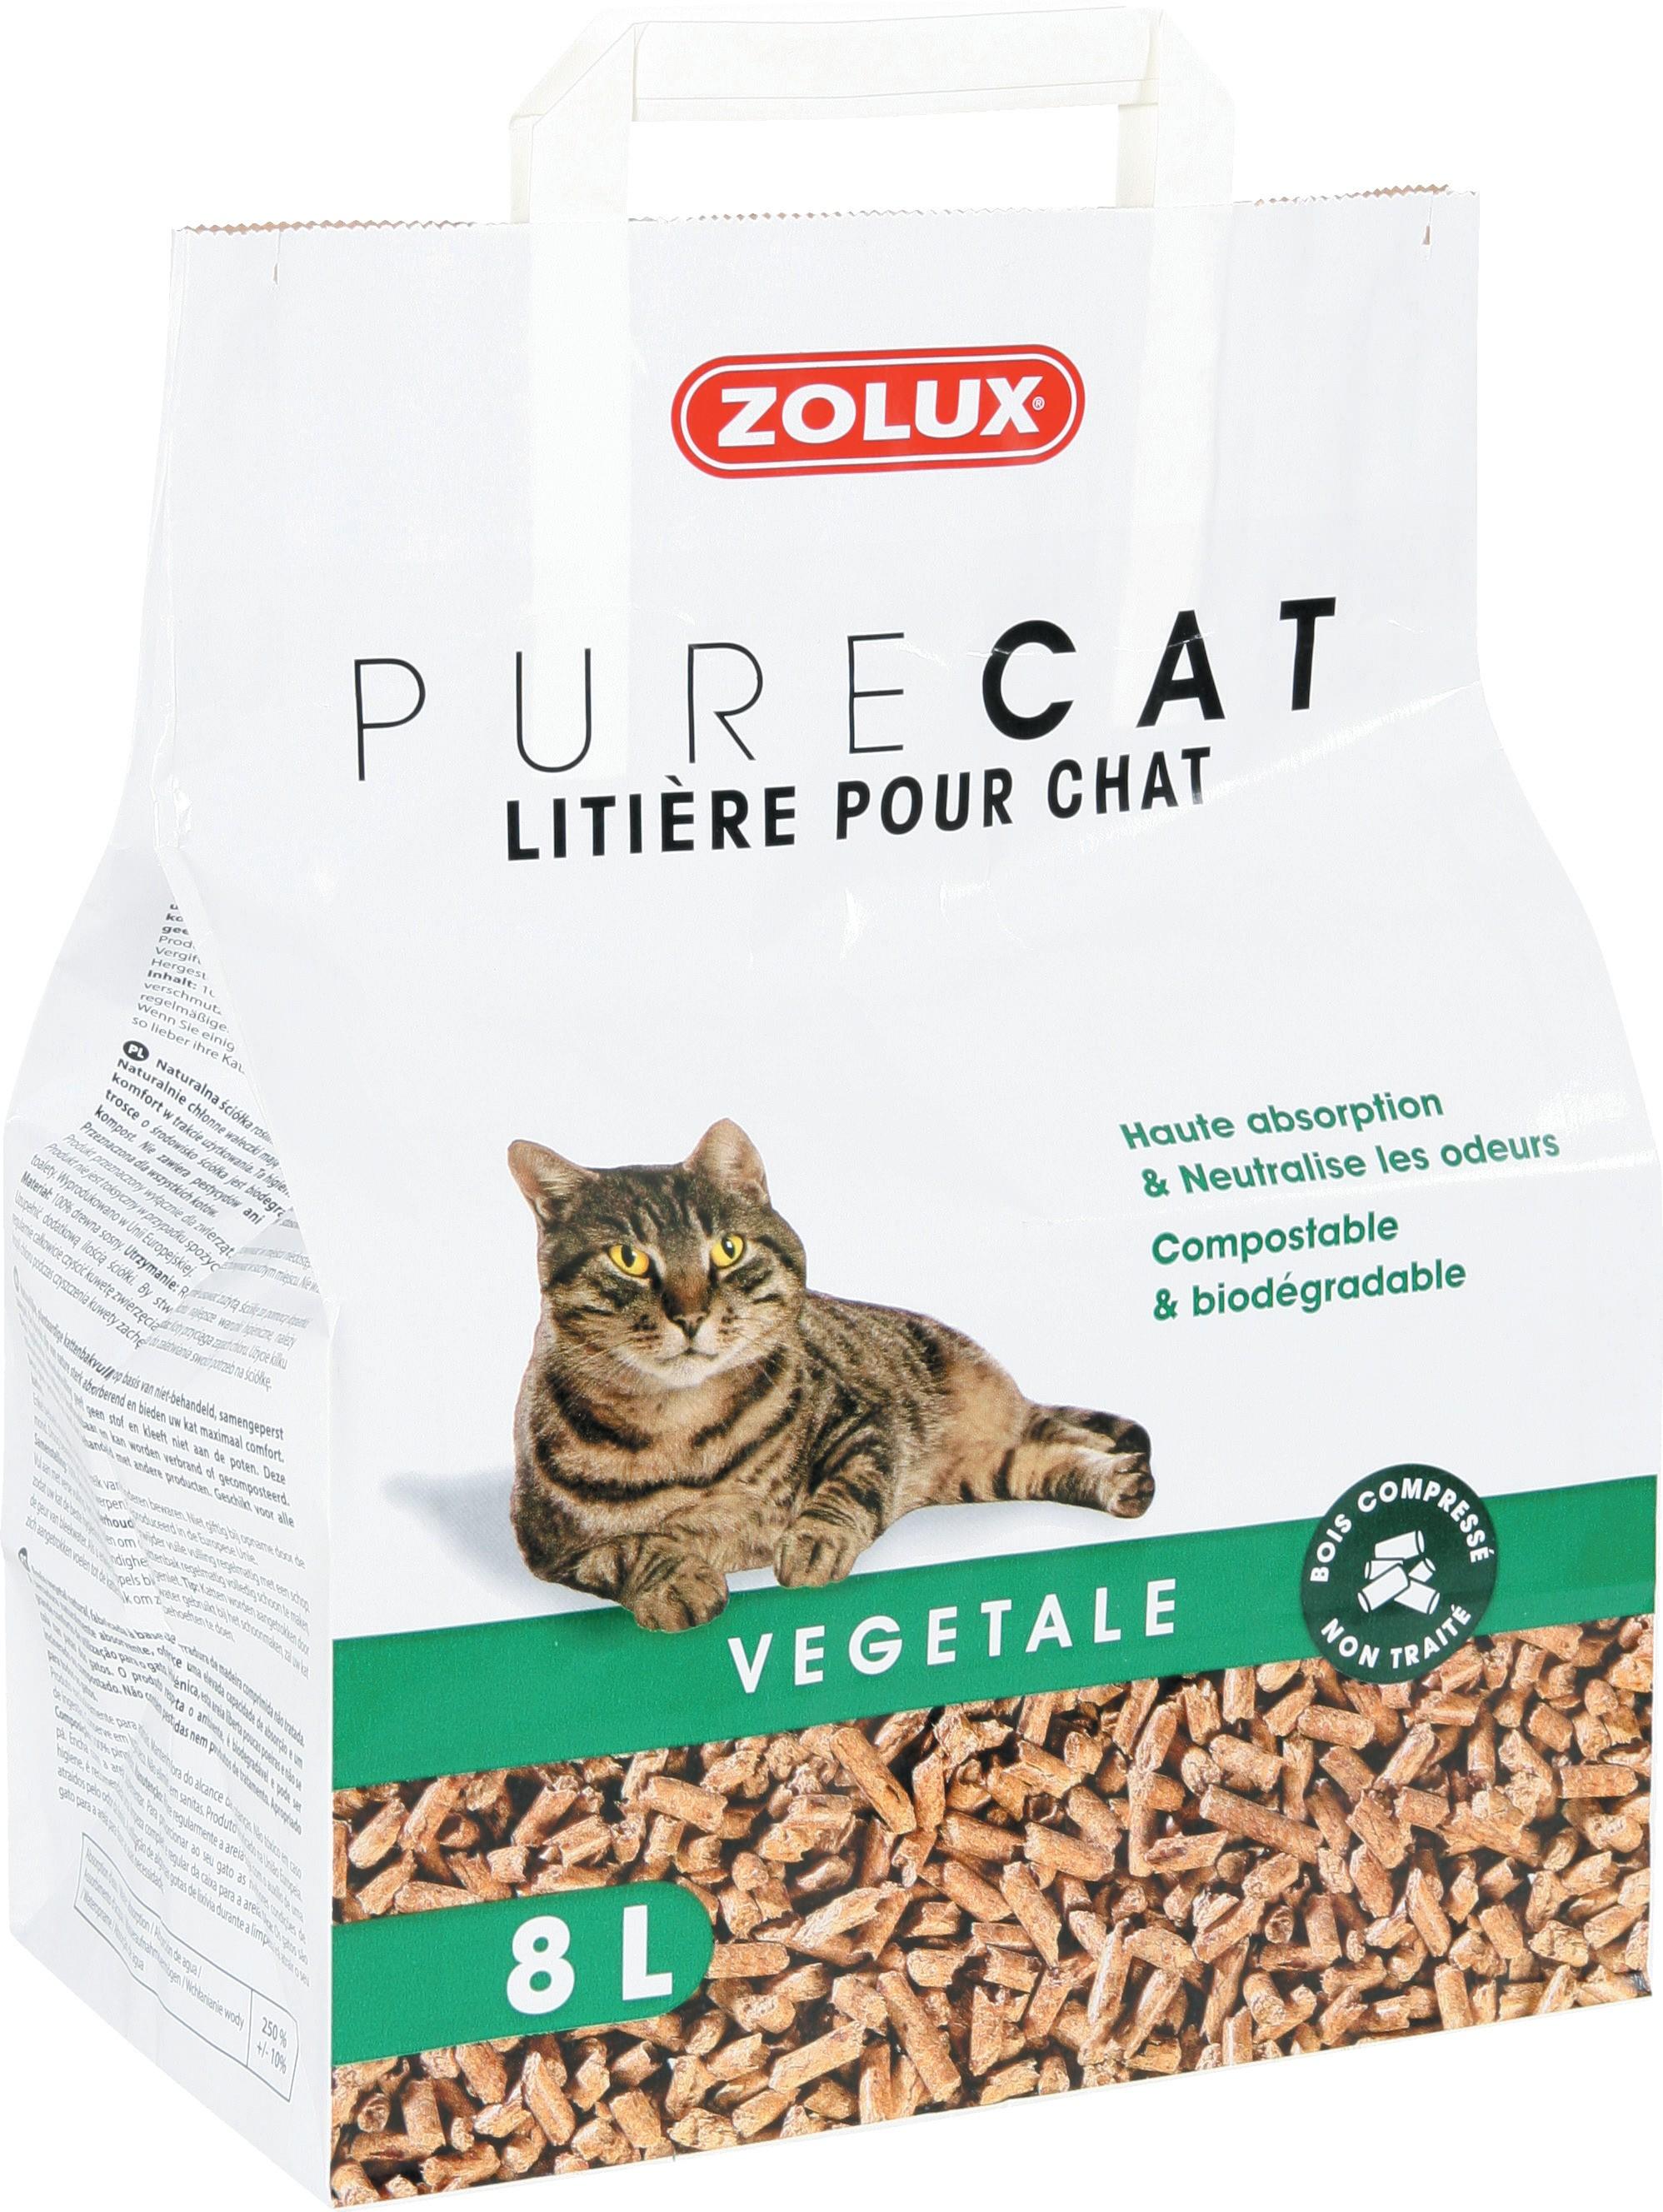 Litière PureCat végétale nature